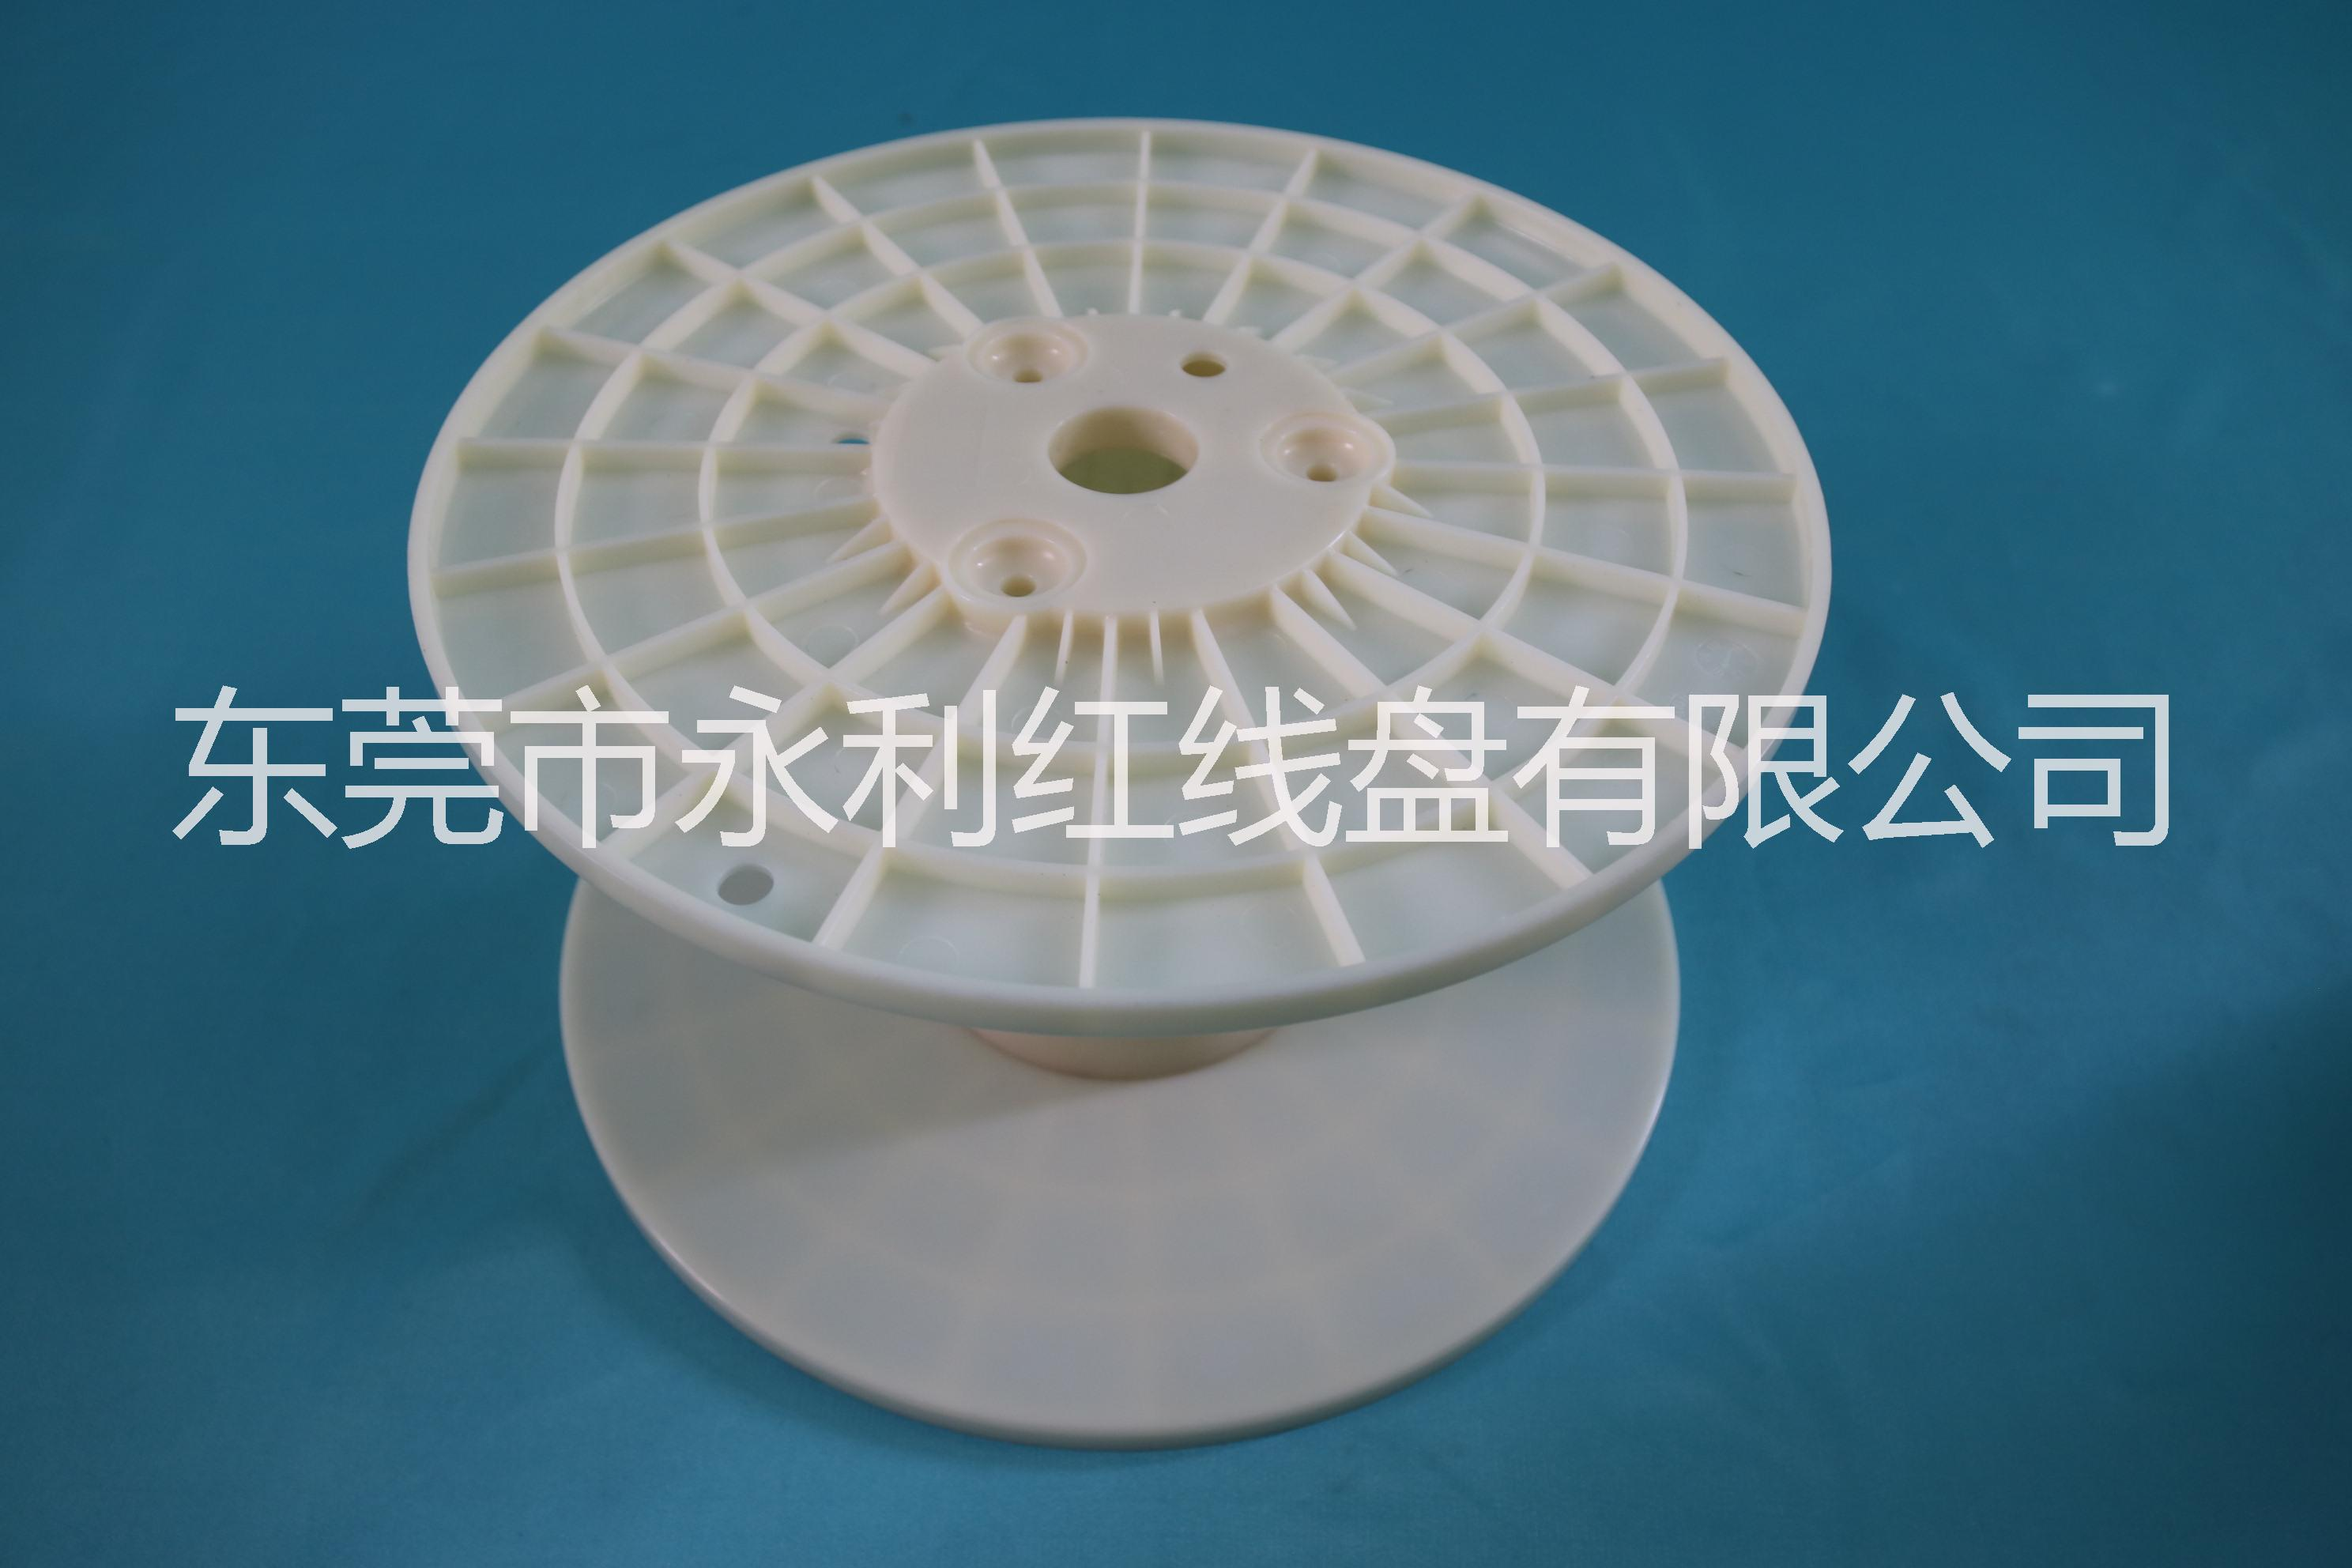 300ABS塑料盘供应商-电线电缆塑料盘报价